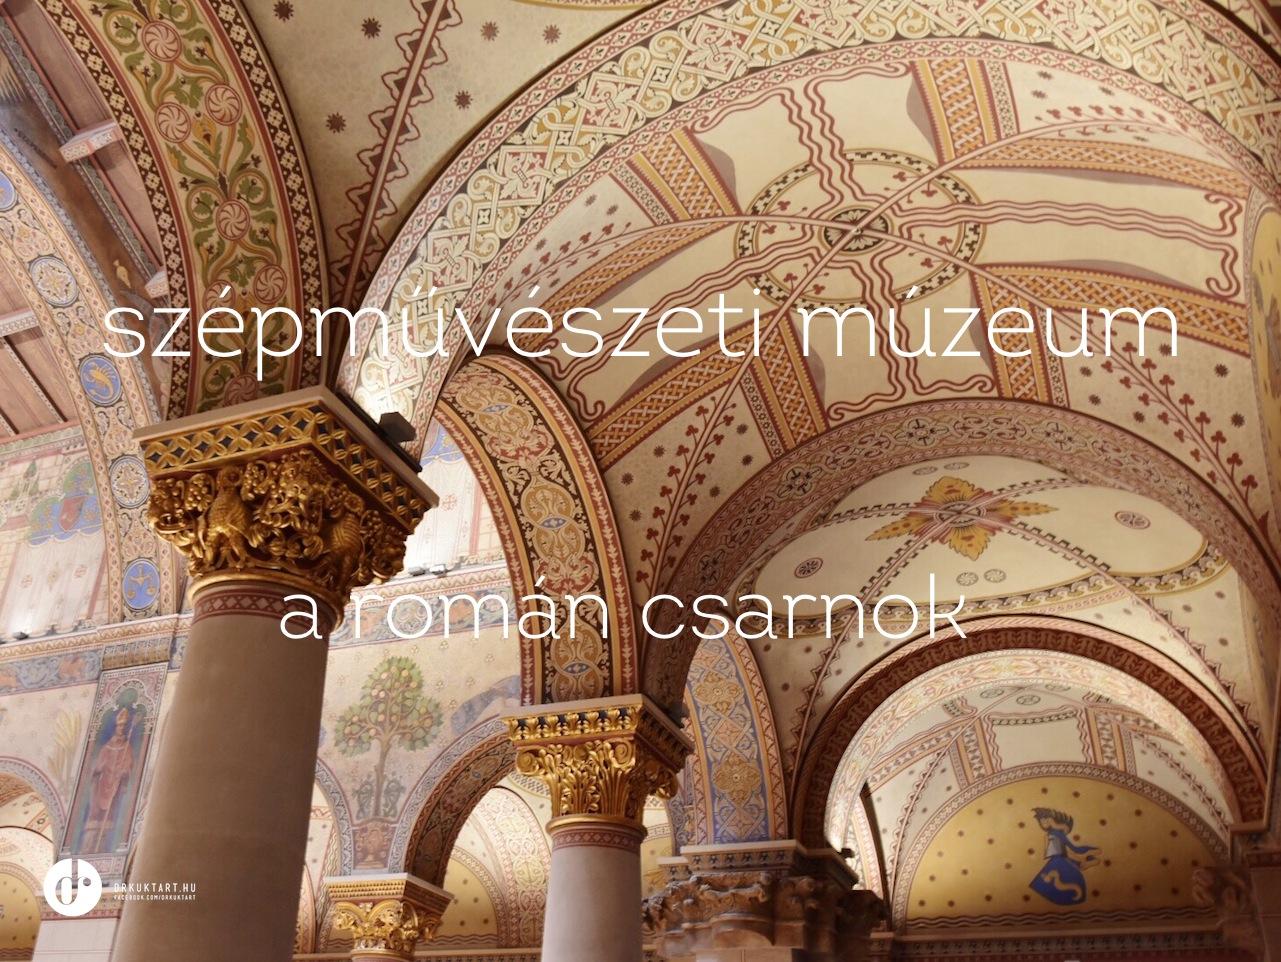 drkuktart_szepmuveszetimuzeum_romancsarnok01.JPG